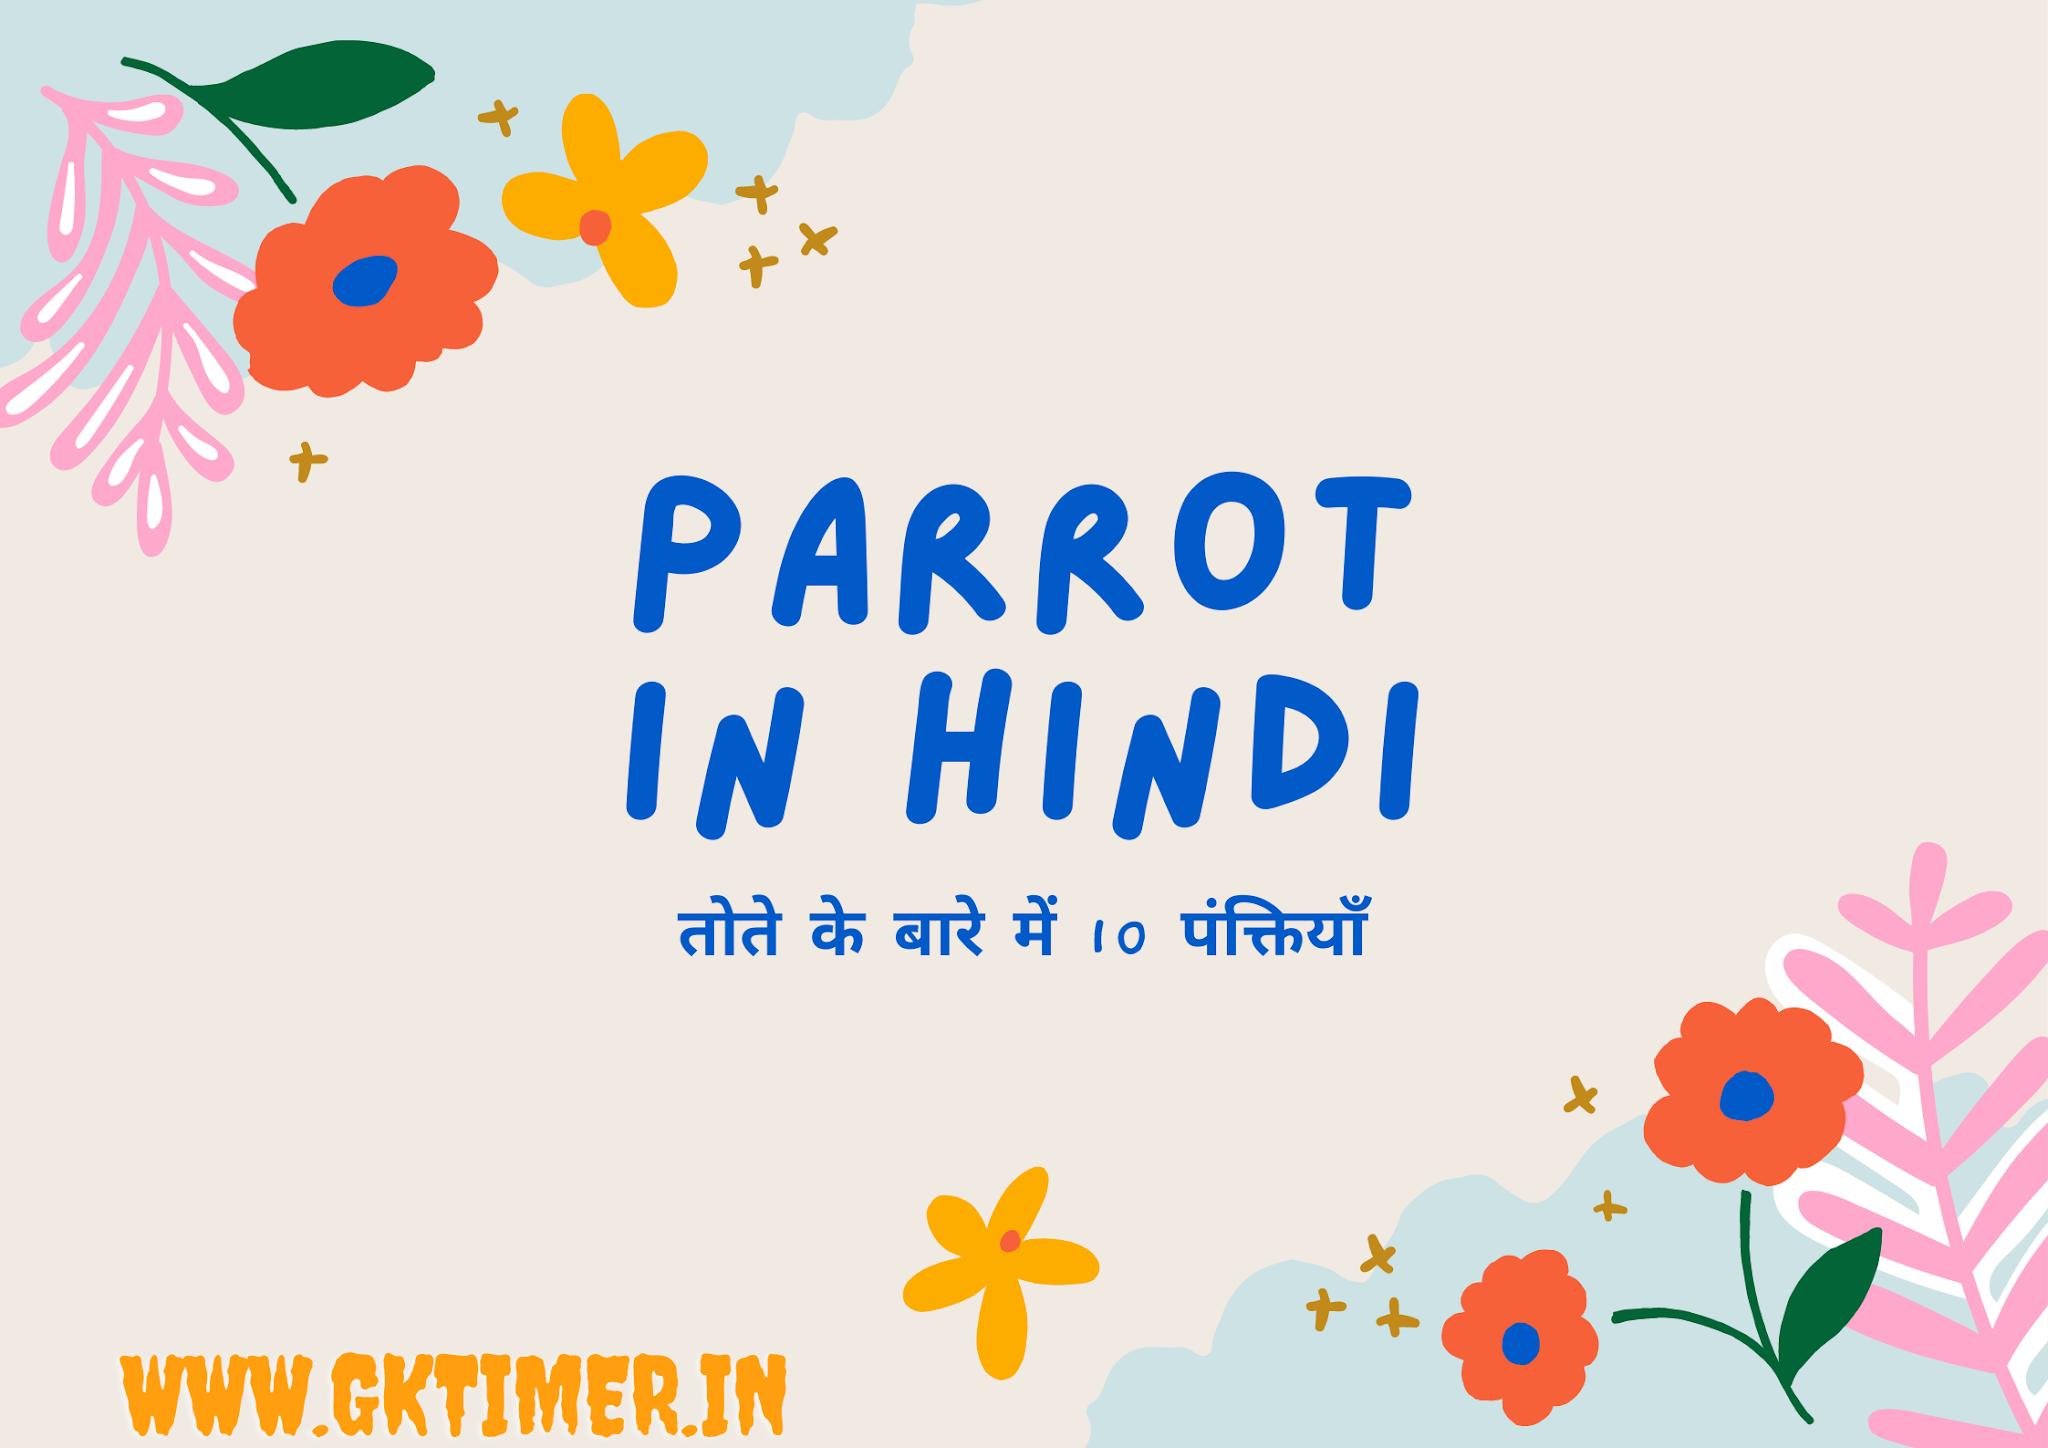 तोते के बारे में 10 पंक्तियाँ   Parrot in Hindi : 10 Lines on Parrot in Hindi